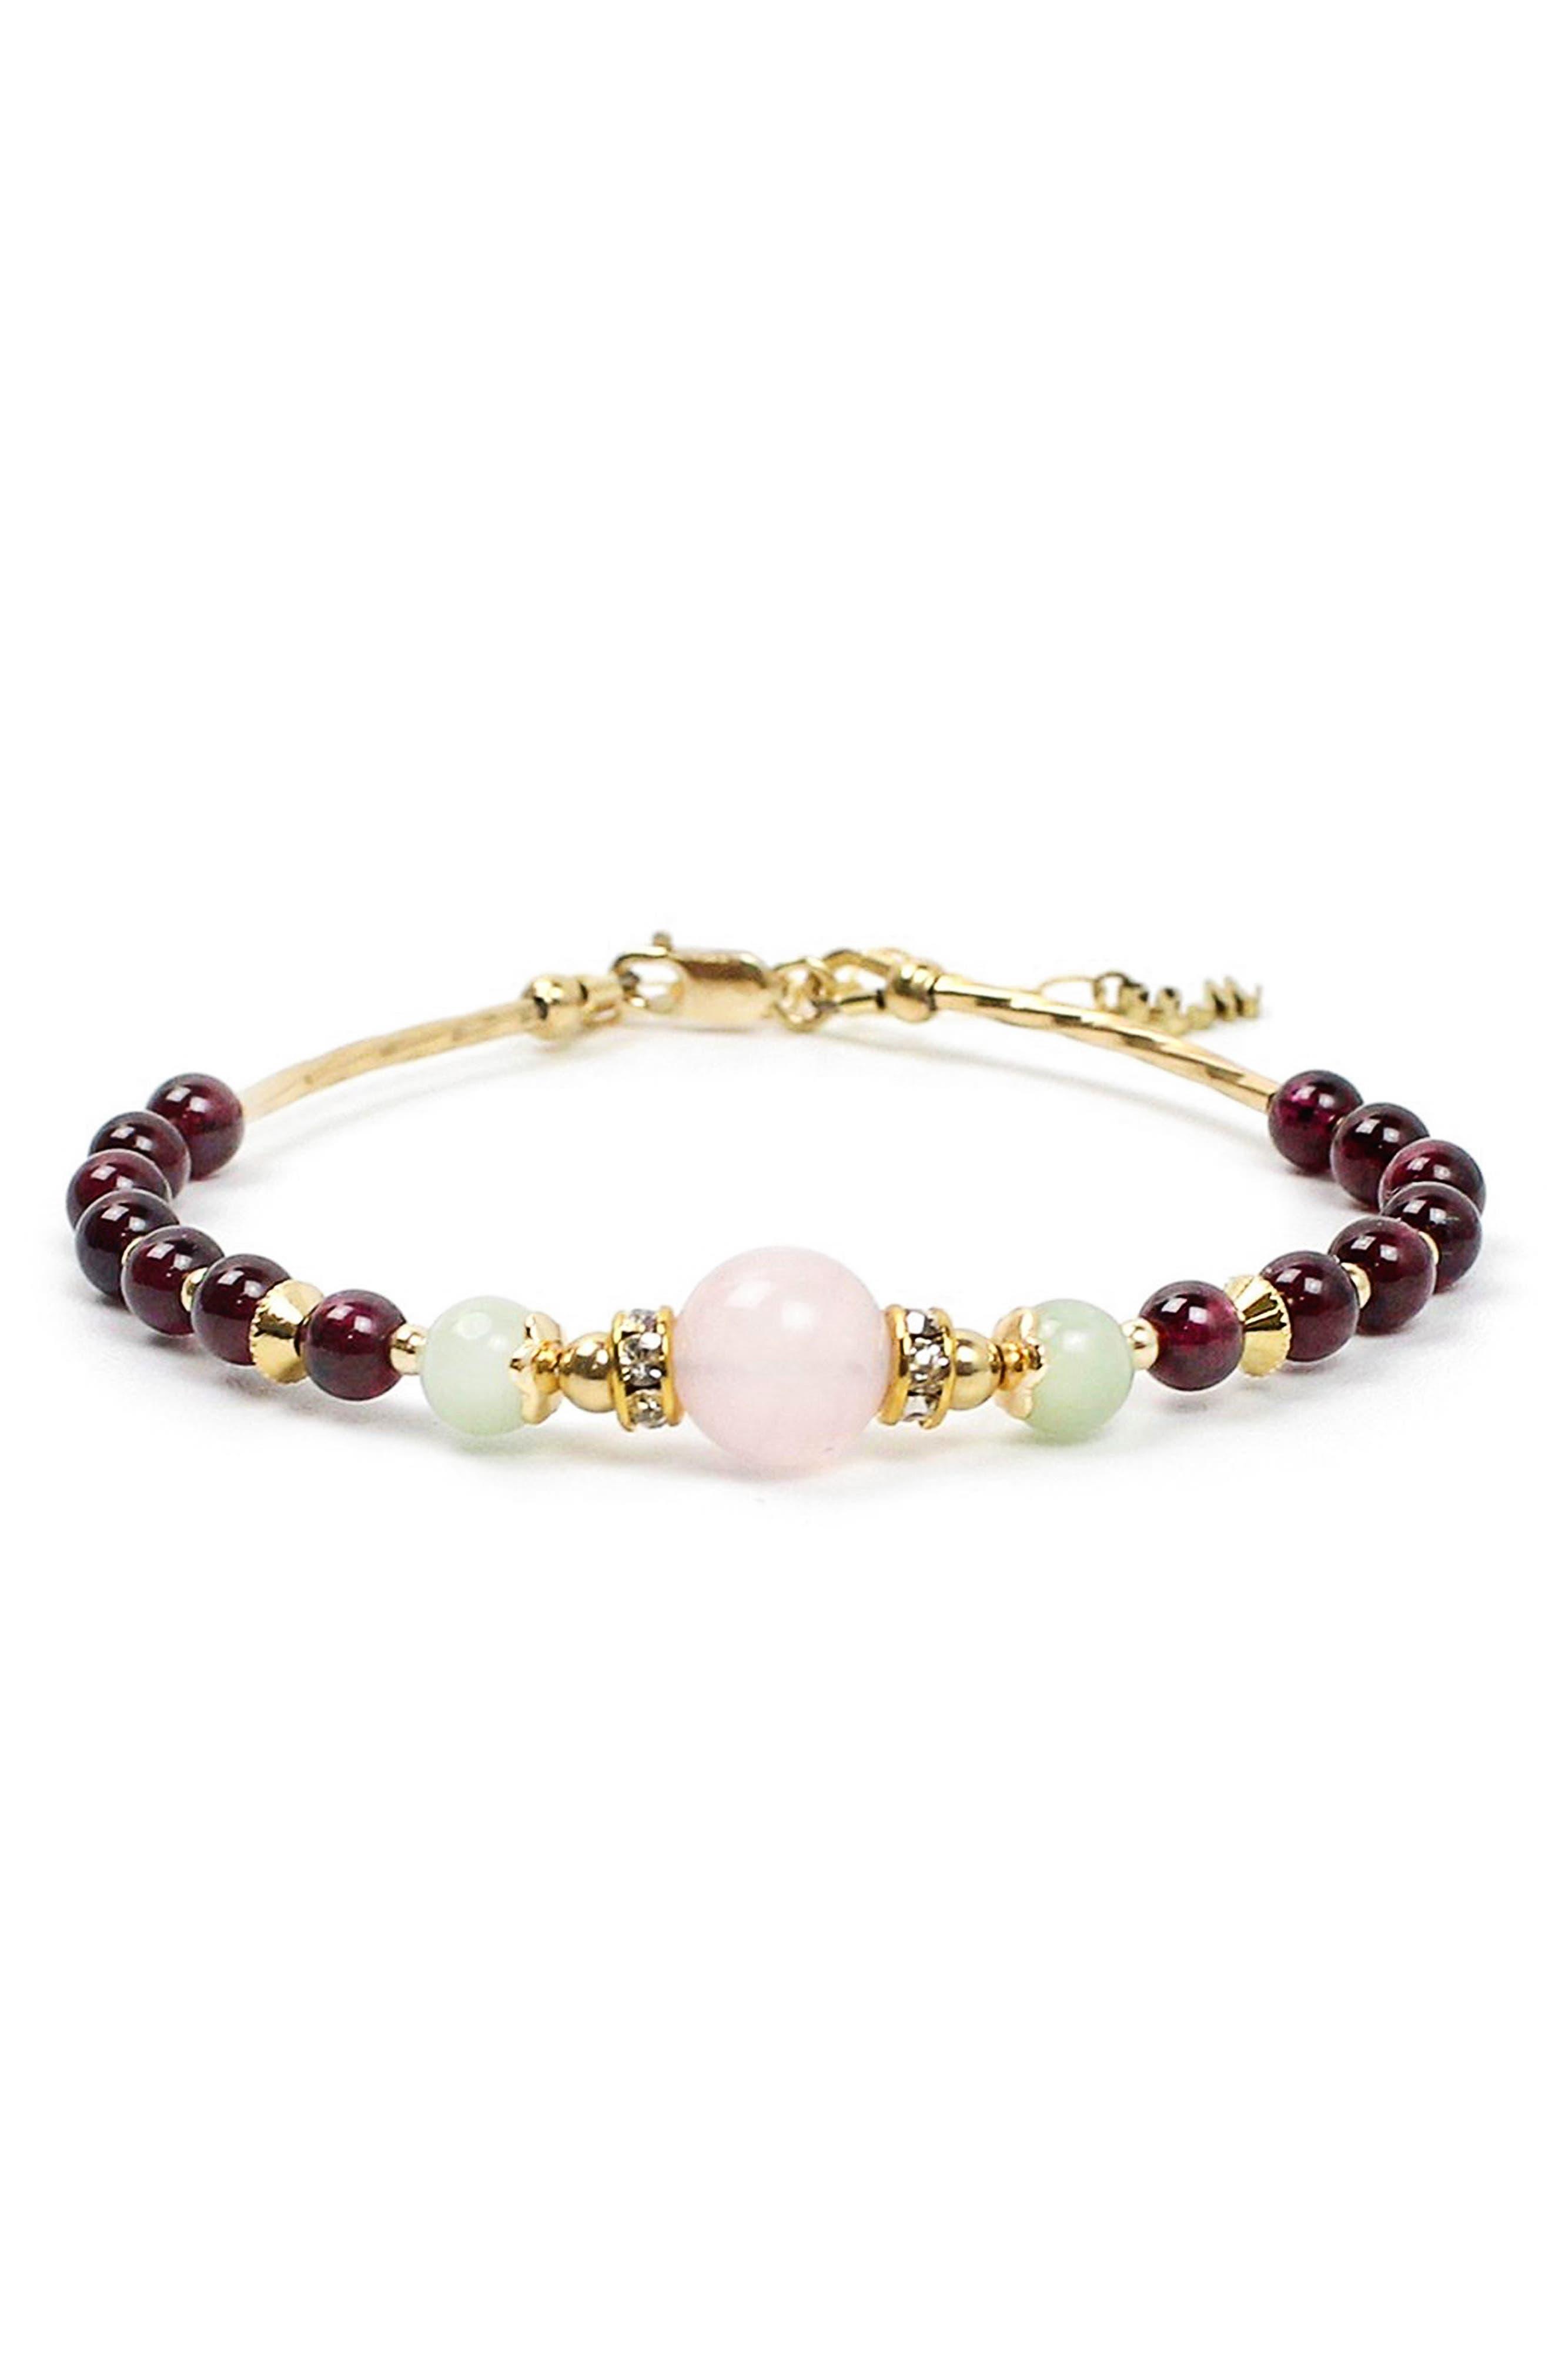 Rosebud Beaded Bracelet